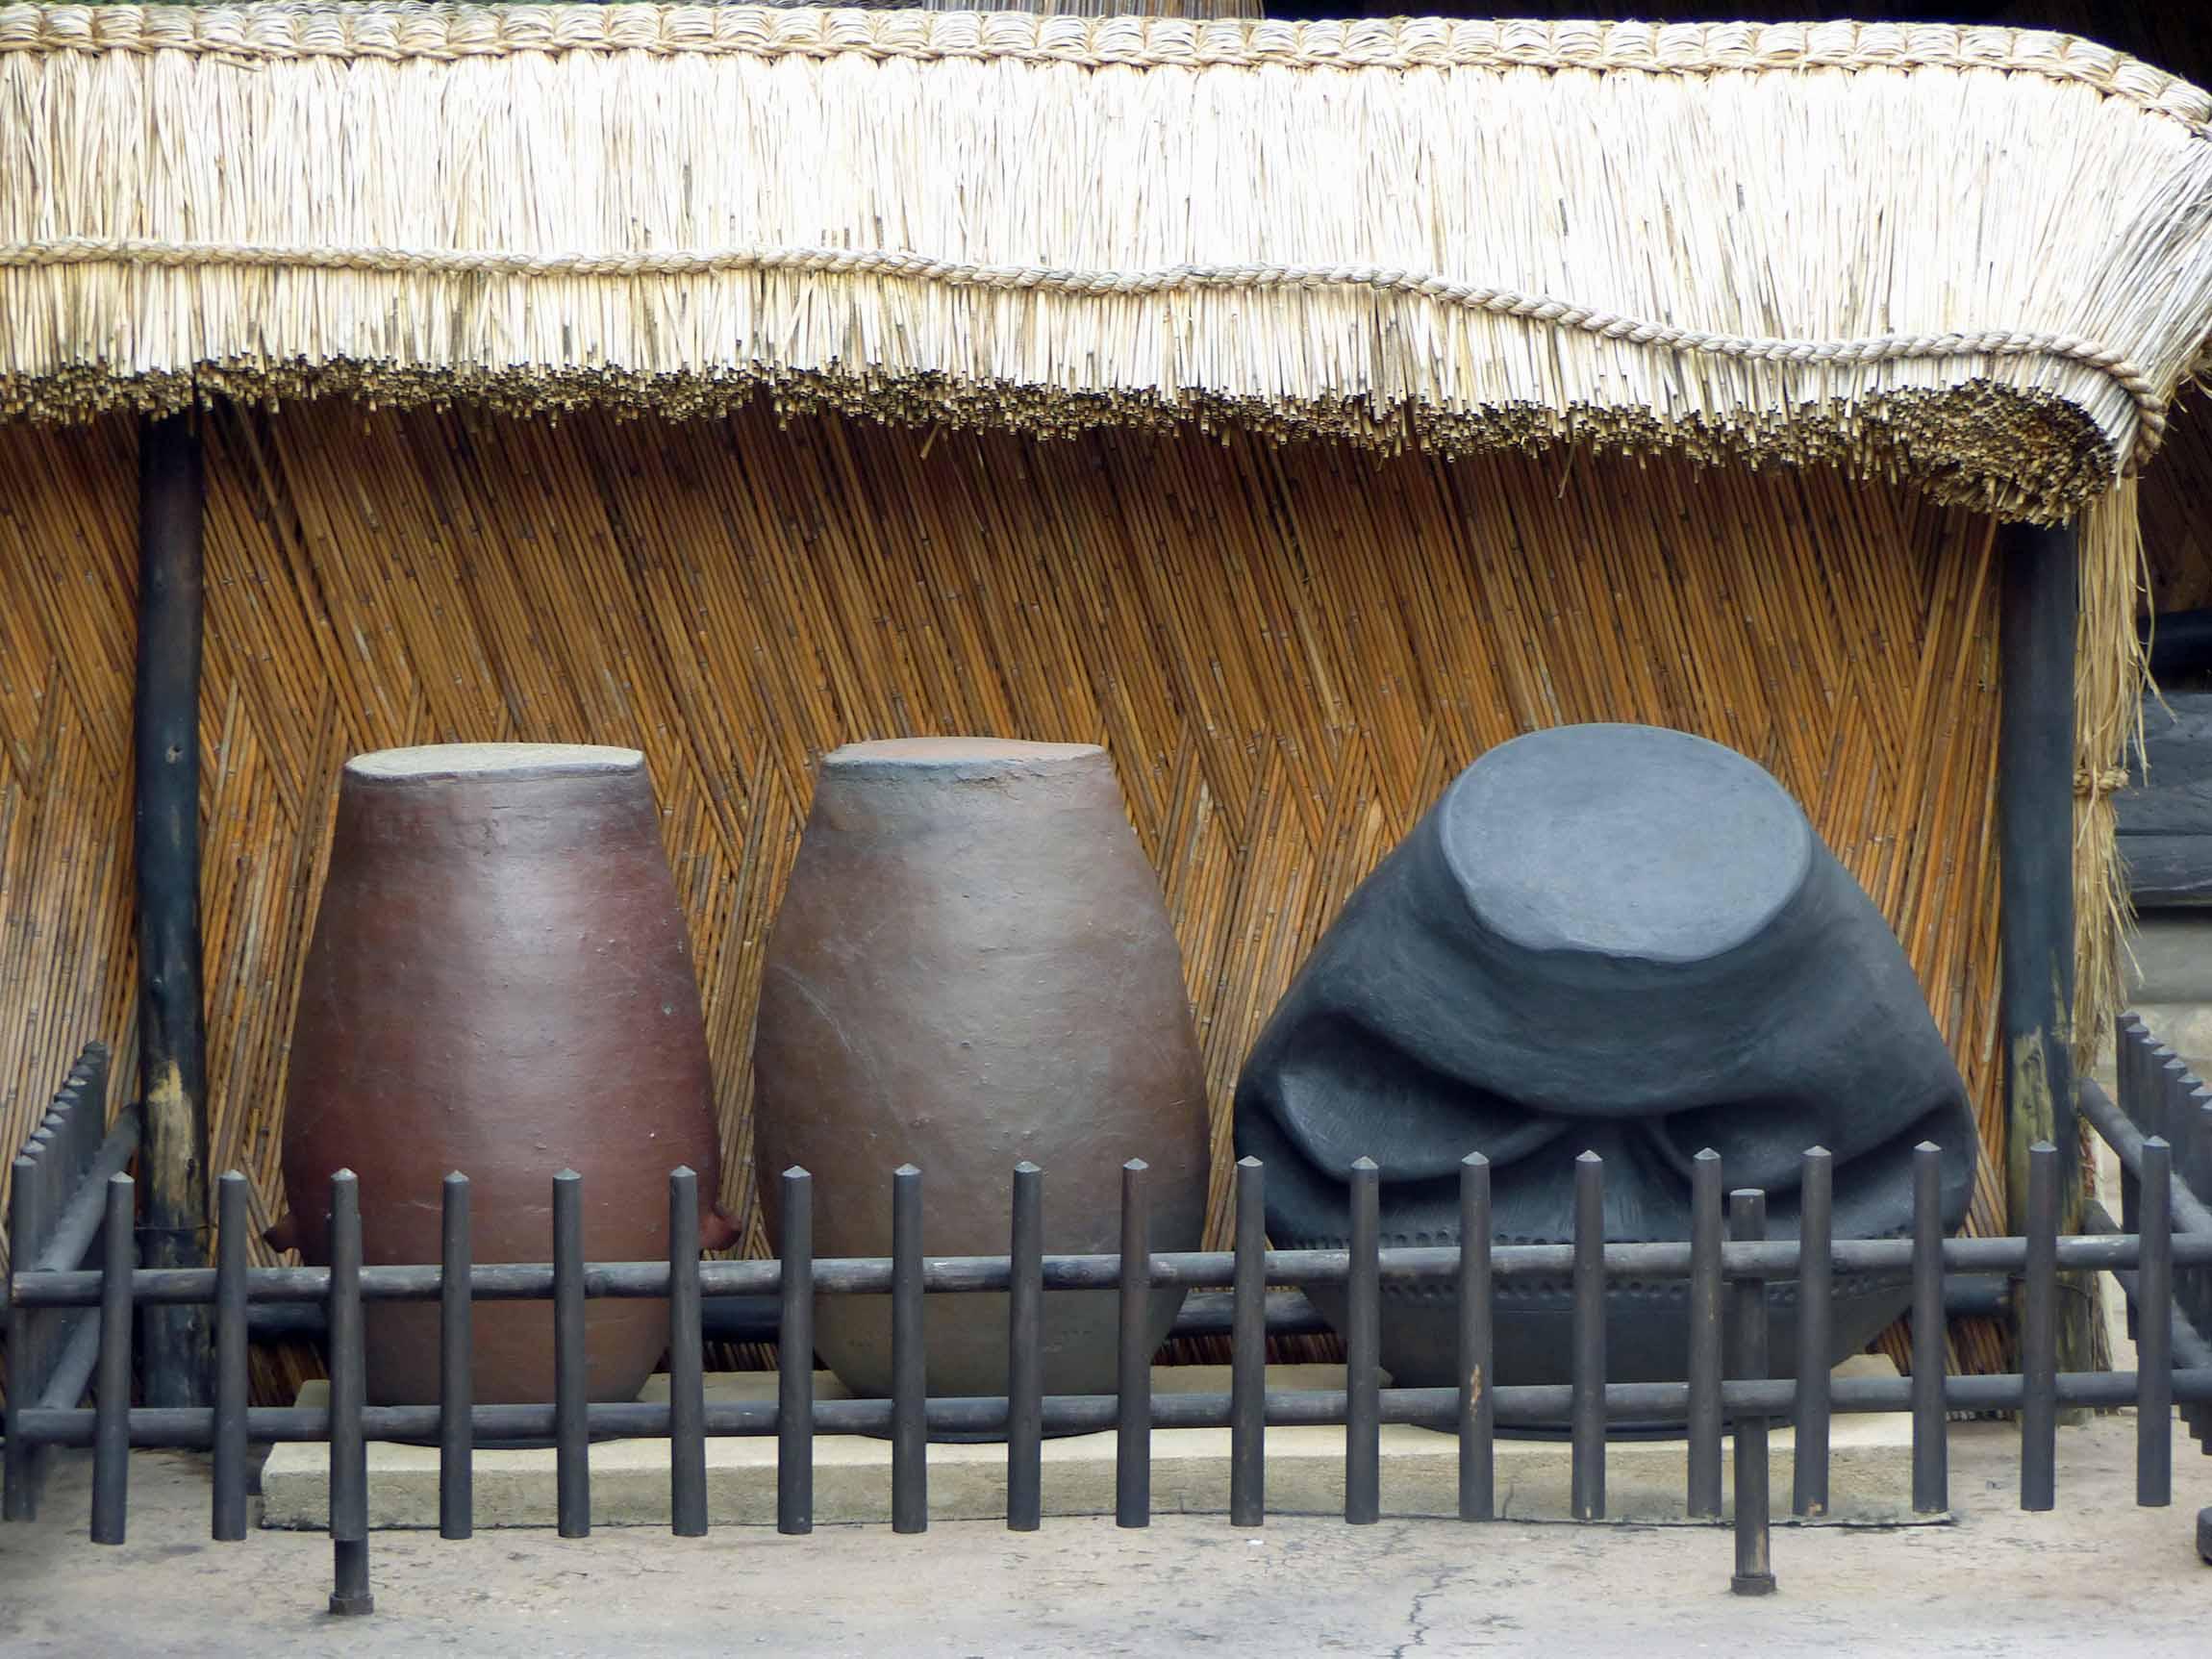 Large damaged pots